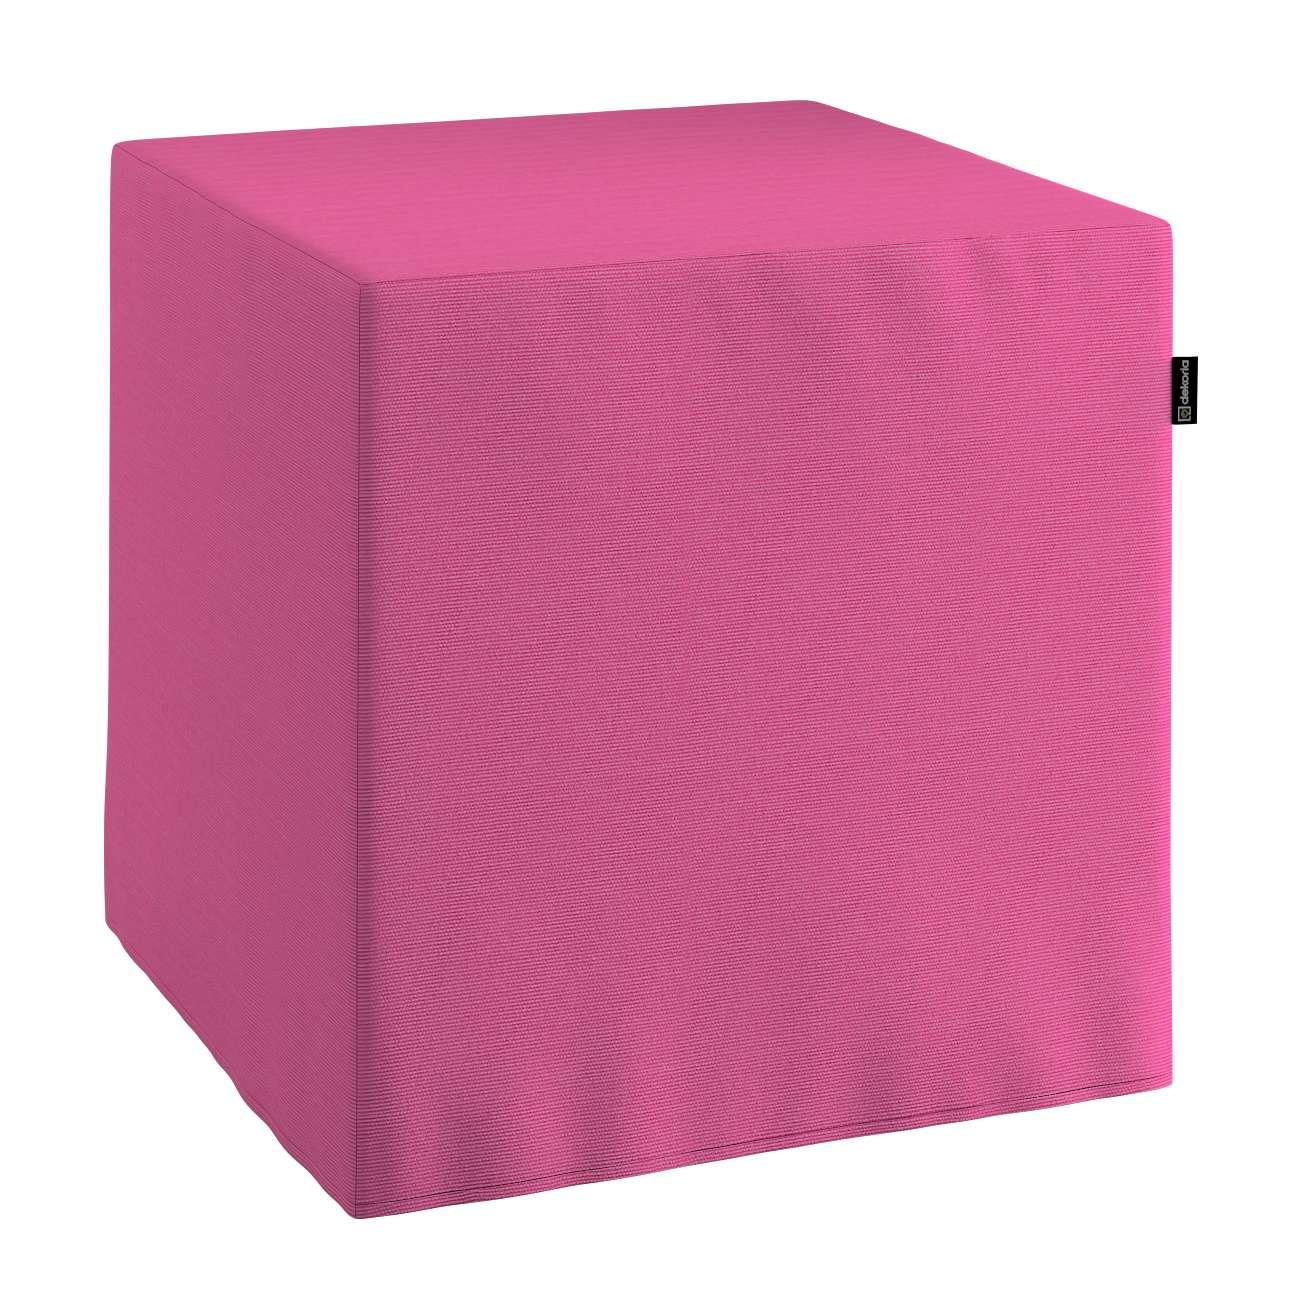 Sedák Cube - kostka pevná 40x40x40 v kolekci Jupiter, látka: 127-24